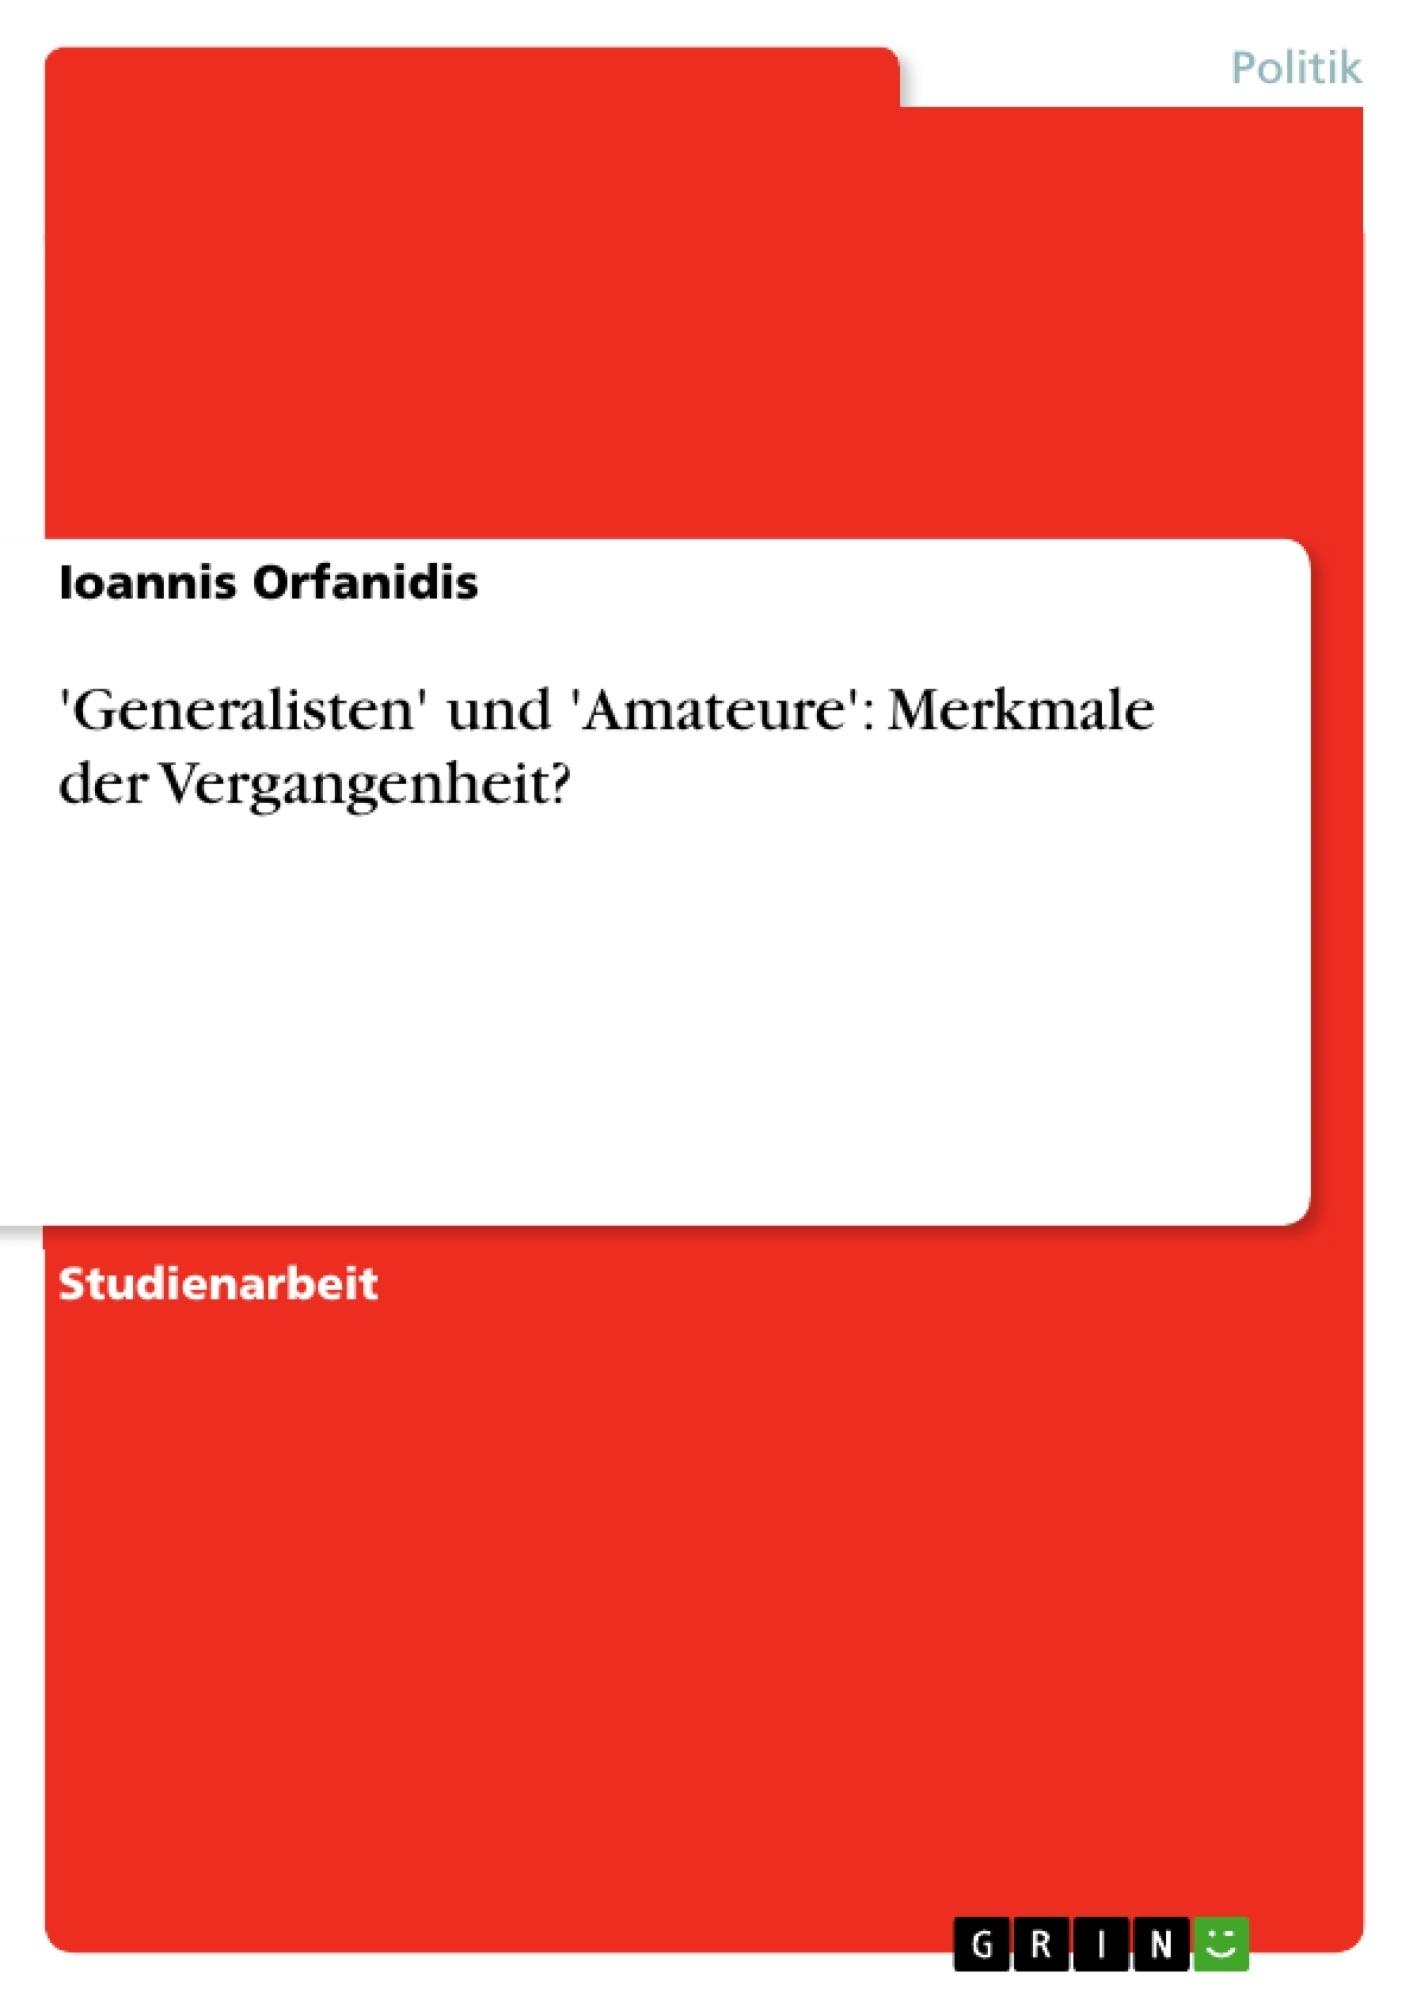 Titel: 'Generalisten' und 'Amateure': Merkmale der Vergangenheit?